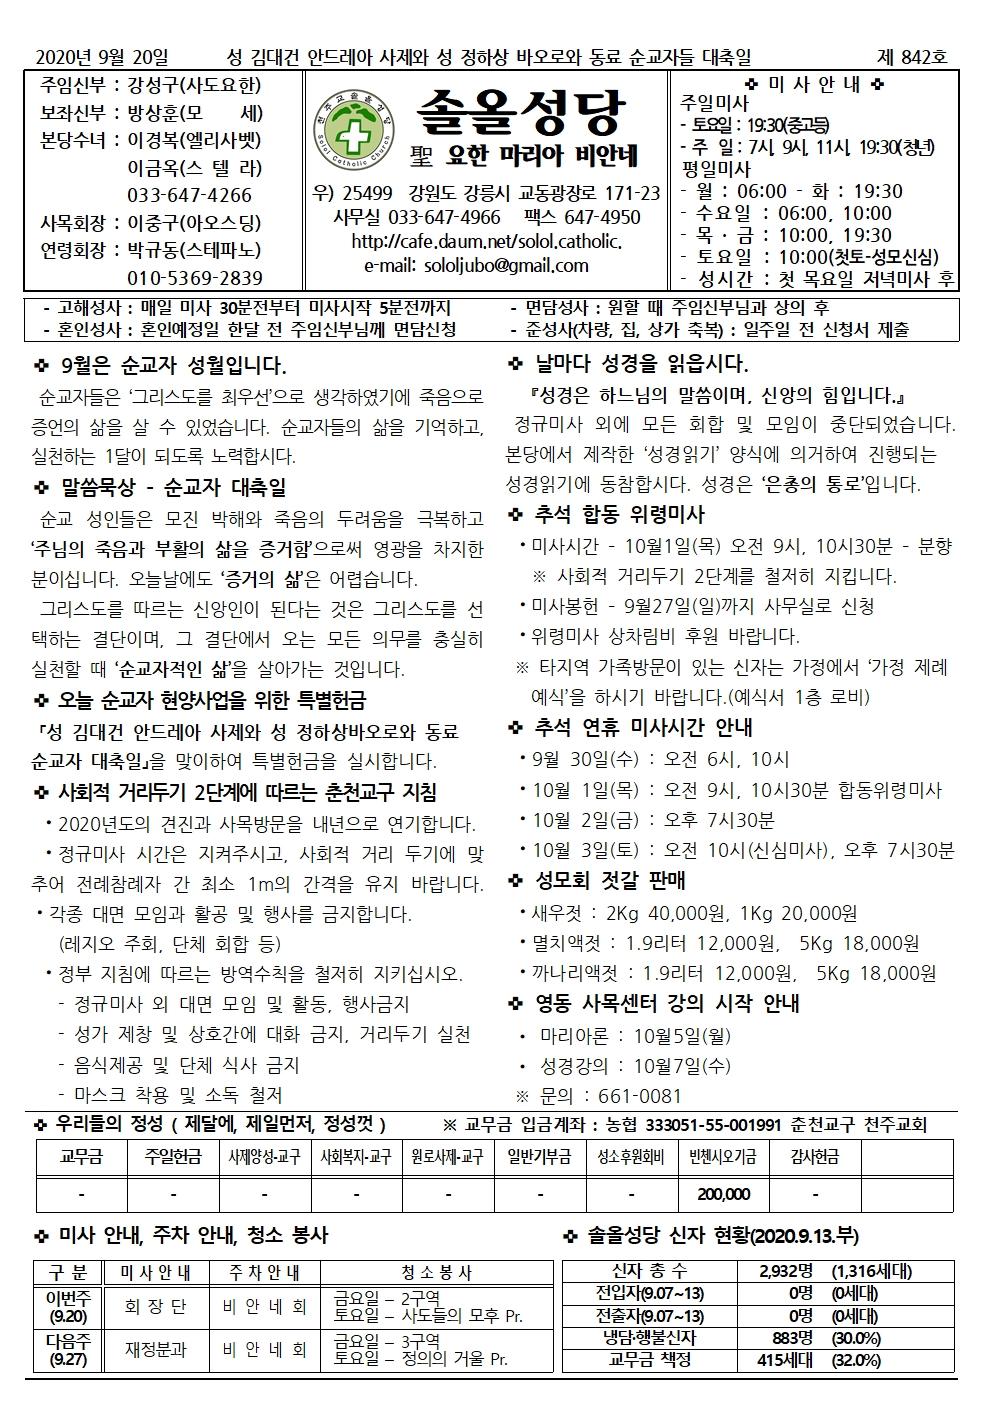 2020.9.20 성 김대건 안드레아 사제와 성 정하상 바오로와 동료 순교자 대축일001.jpg